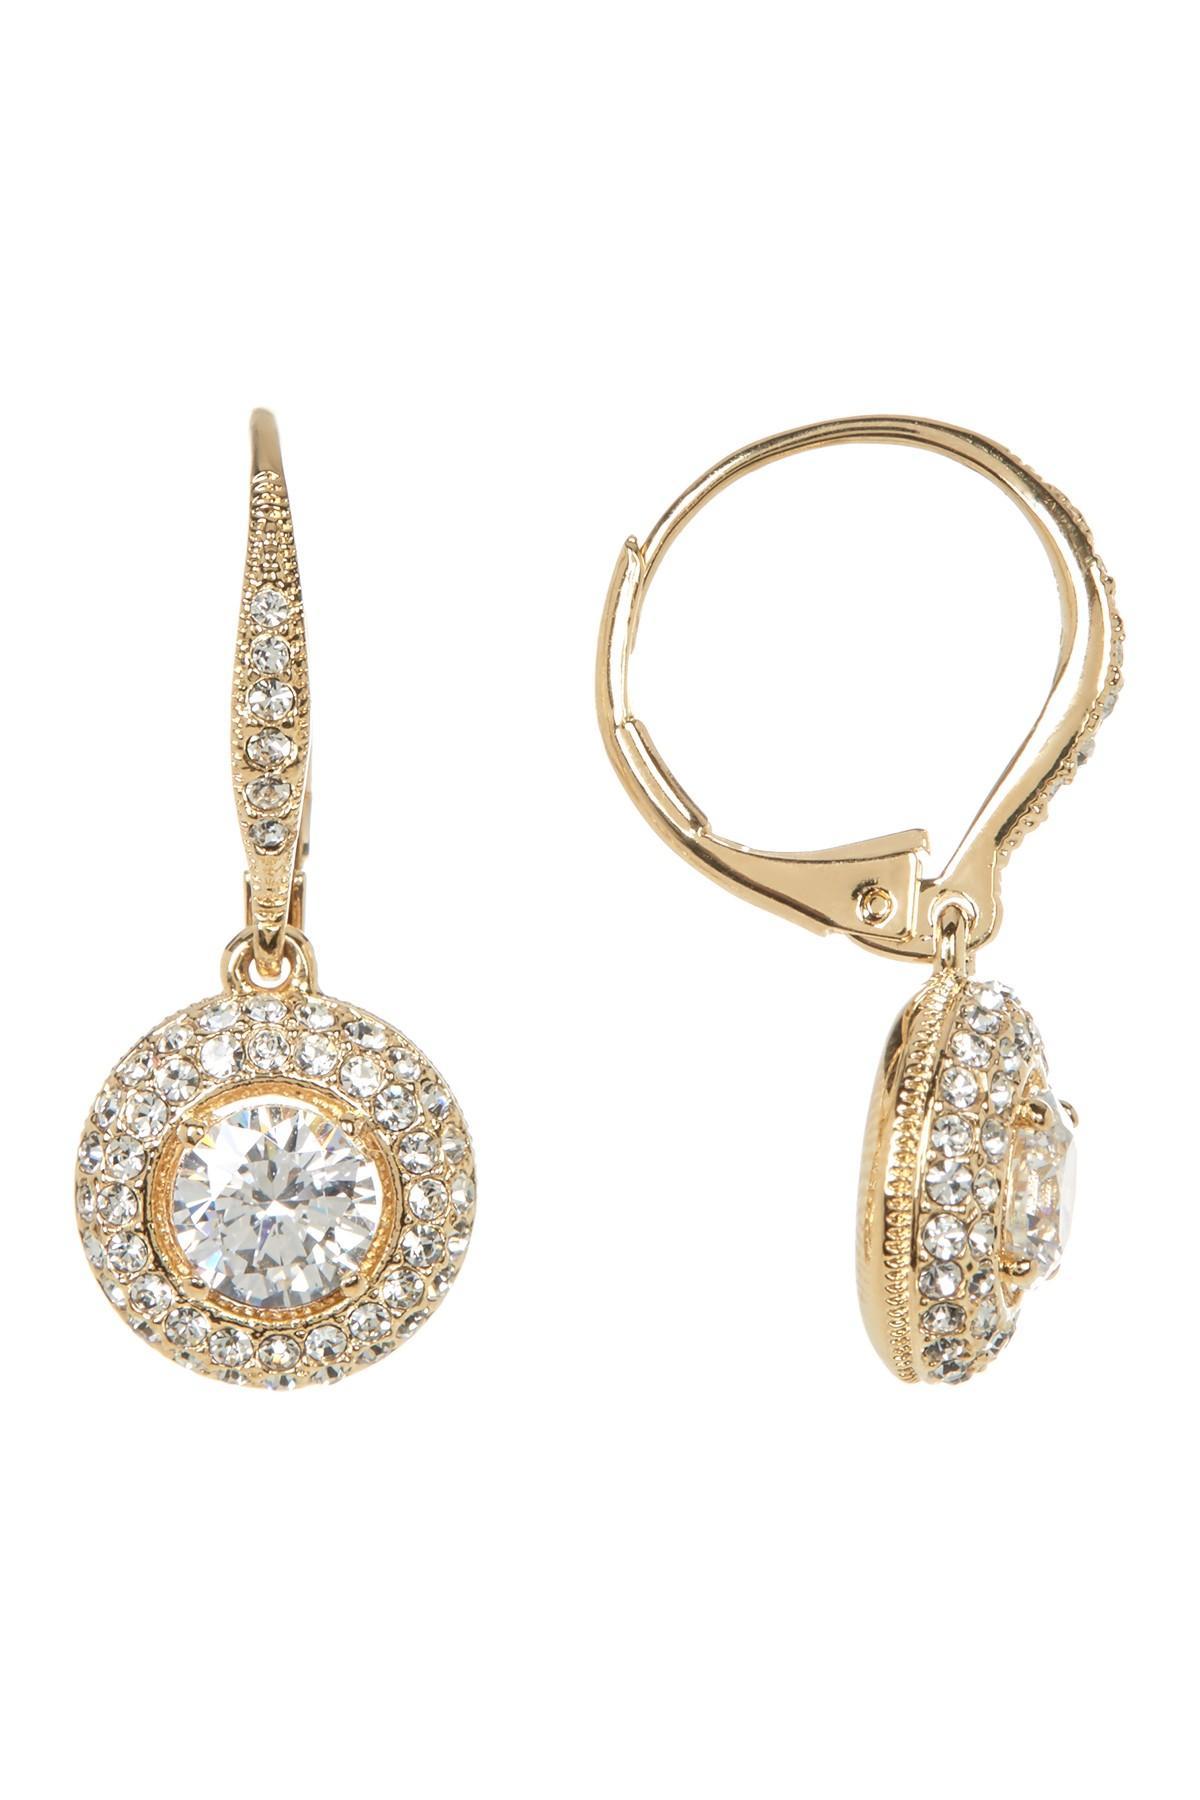 fd3def038 Lyst - Nadri Cz Pave Framed Drop Earrings in Metallic